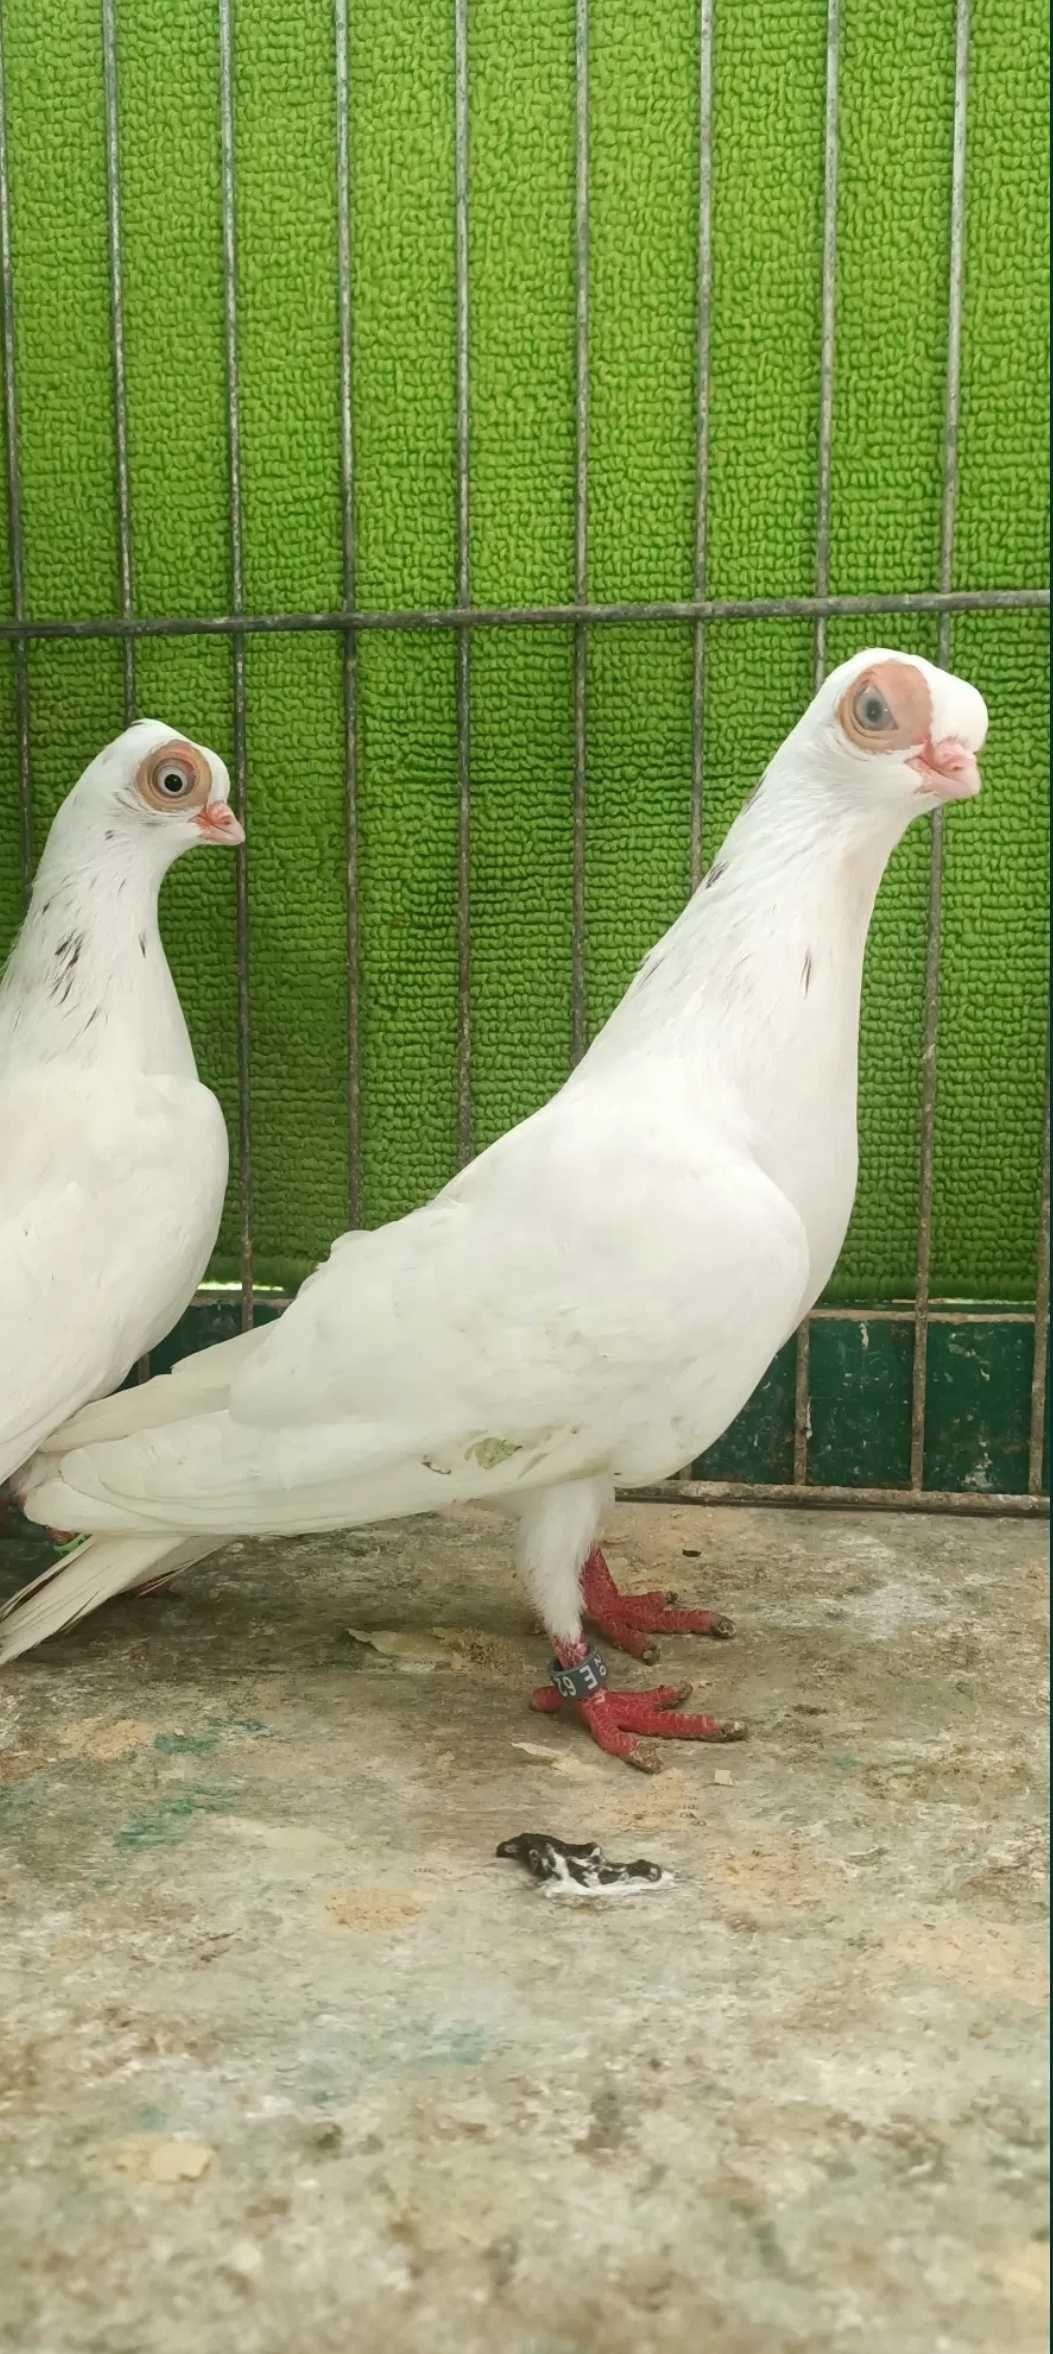 Maściuch, maściuchy - gołębie ozdobne